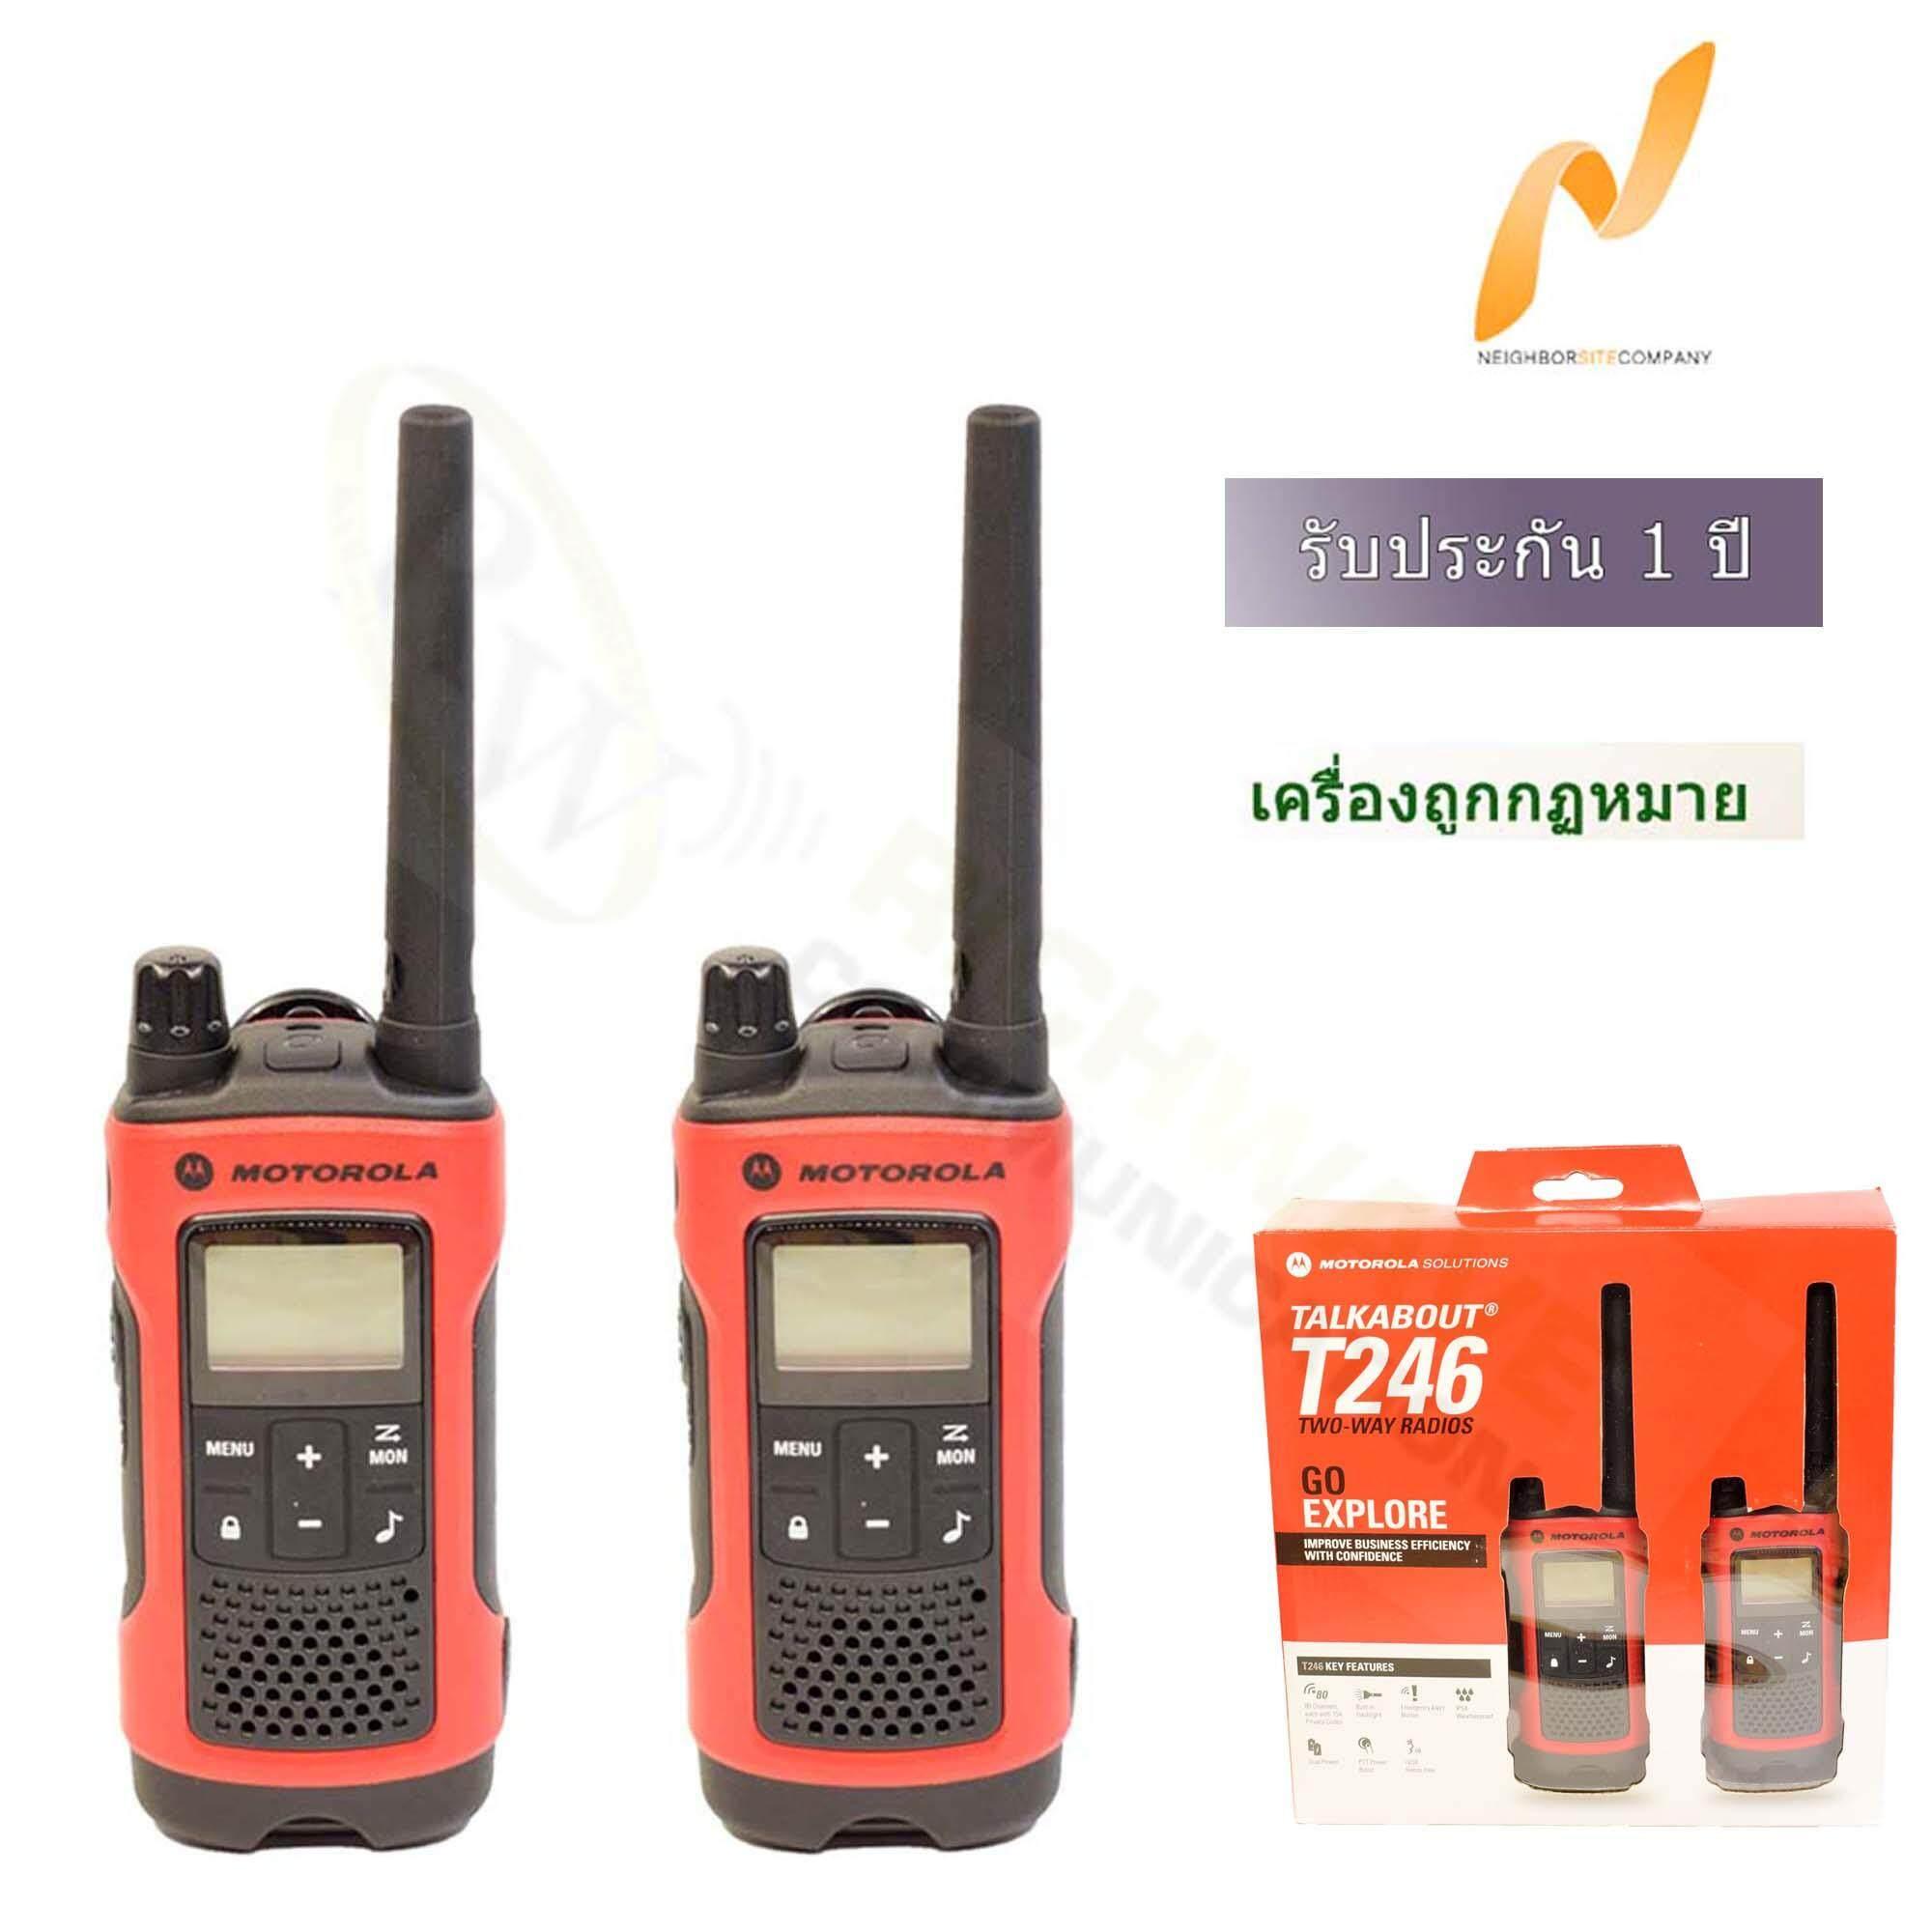 Motorola วิทยุสื่อสาร Talkabout T246 แพ็คคู่ ถูกกฏหมาย 3.5 watts (พร้อมแบตเตอรี่)